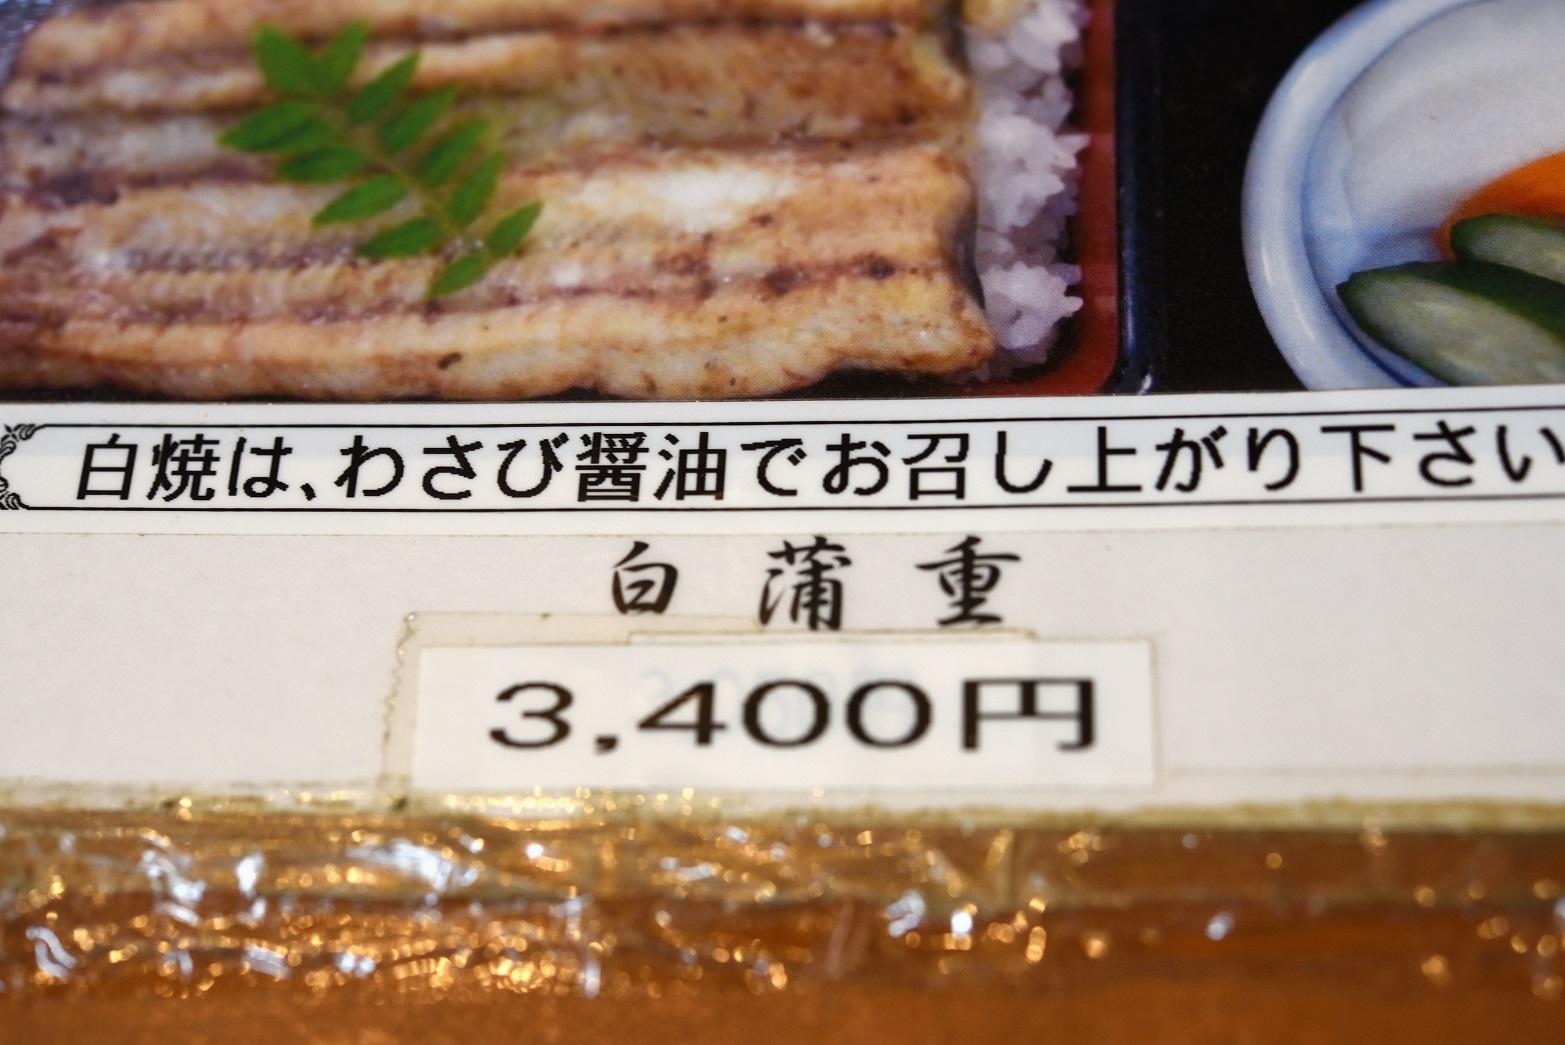 うなぎの店 東條 メニュー